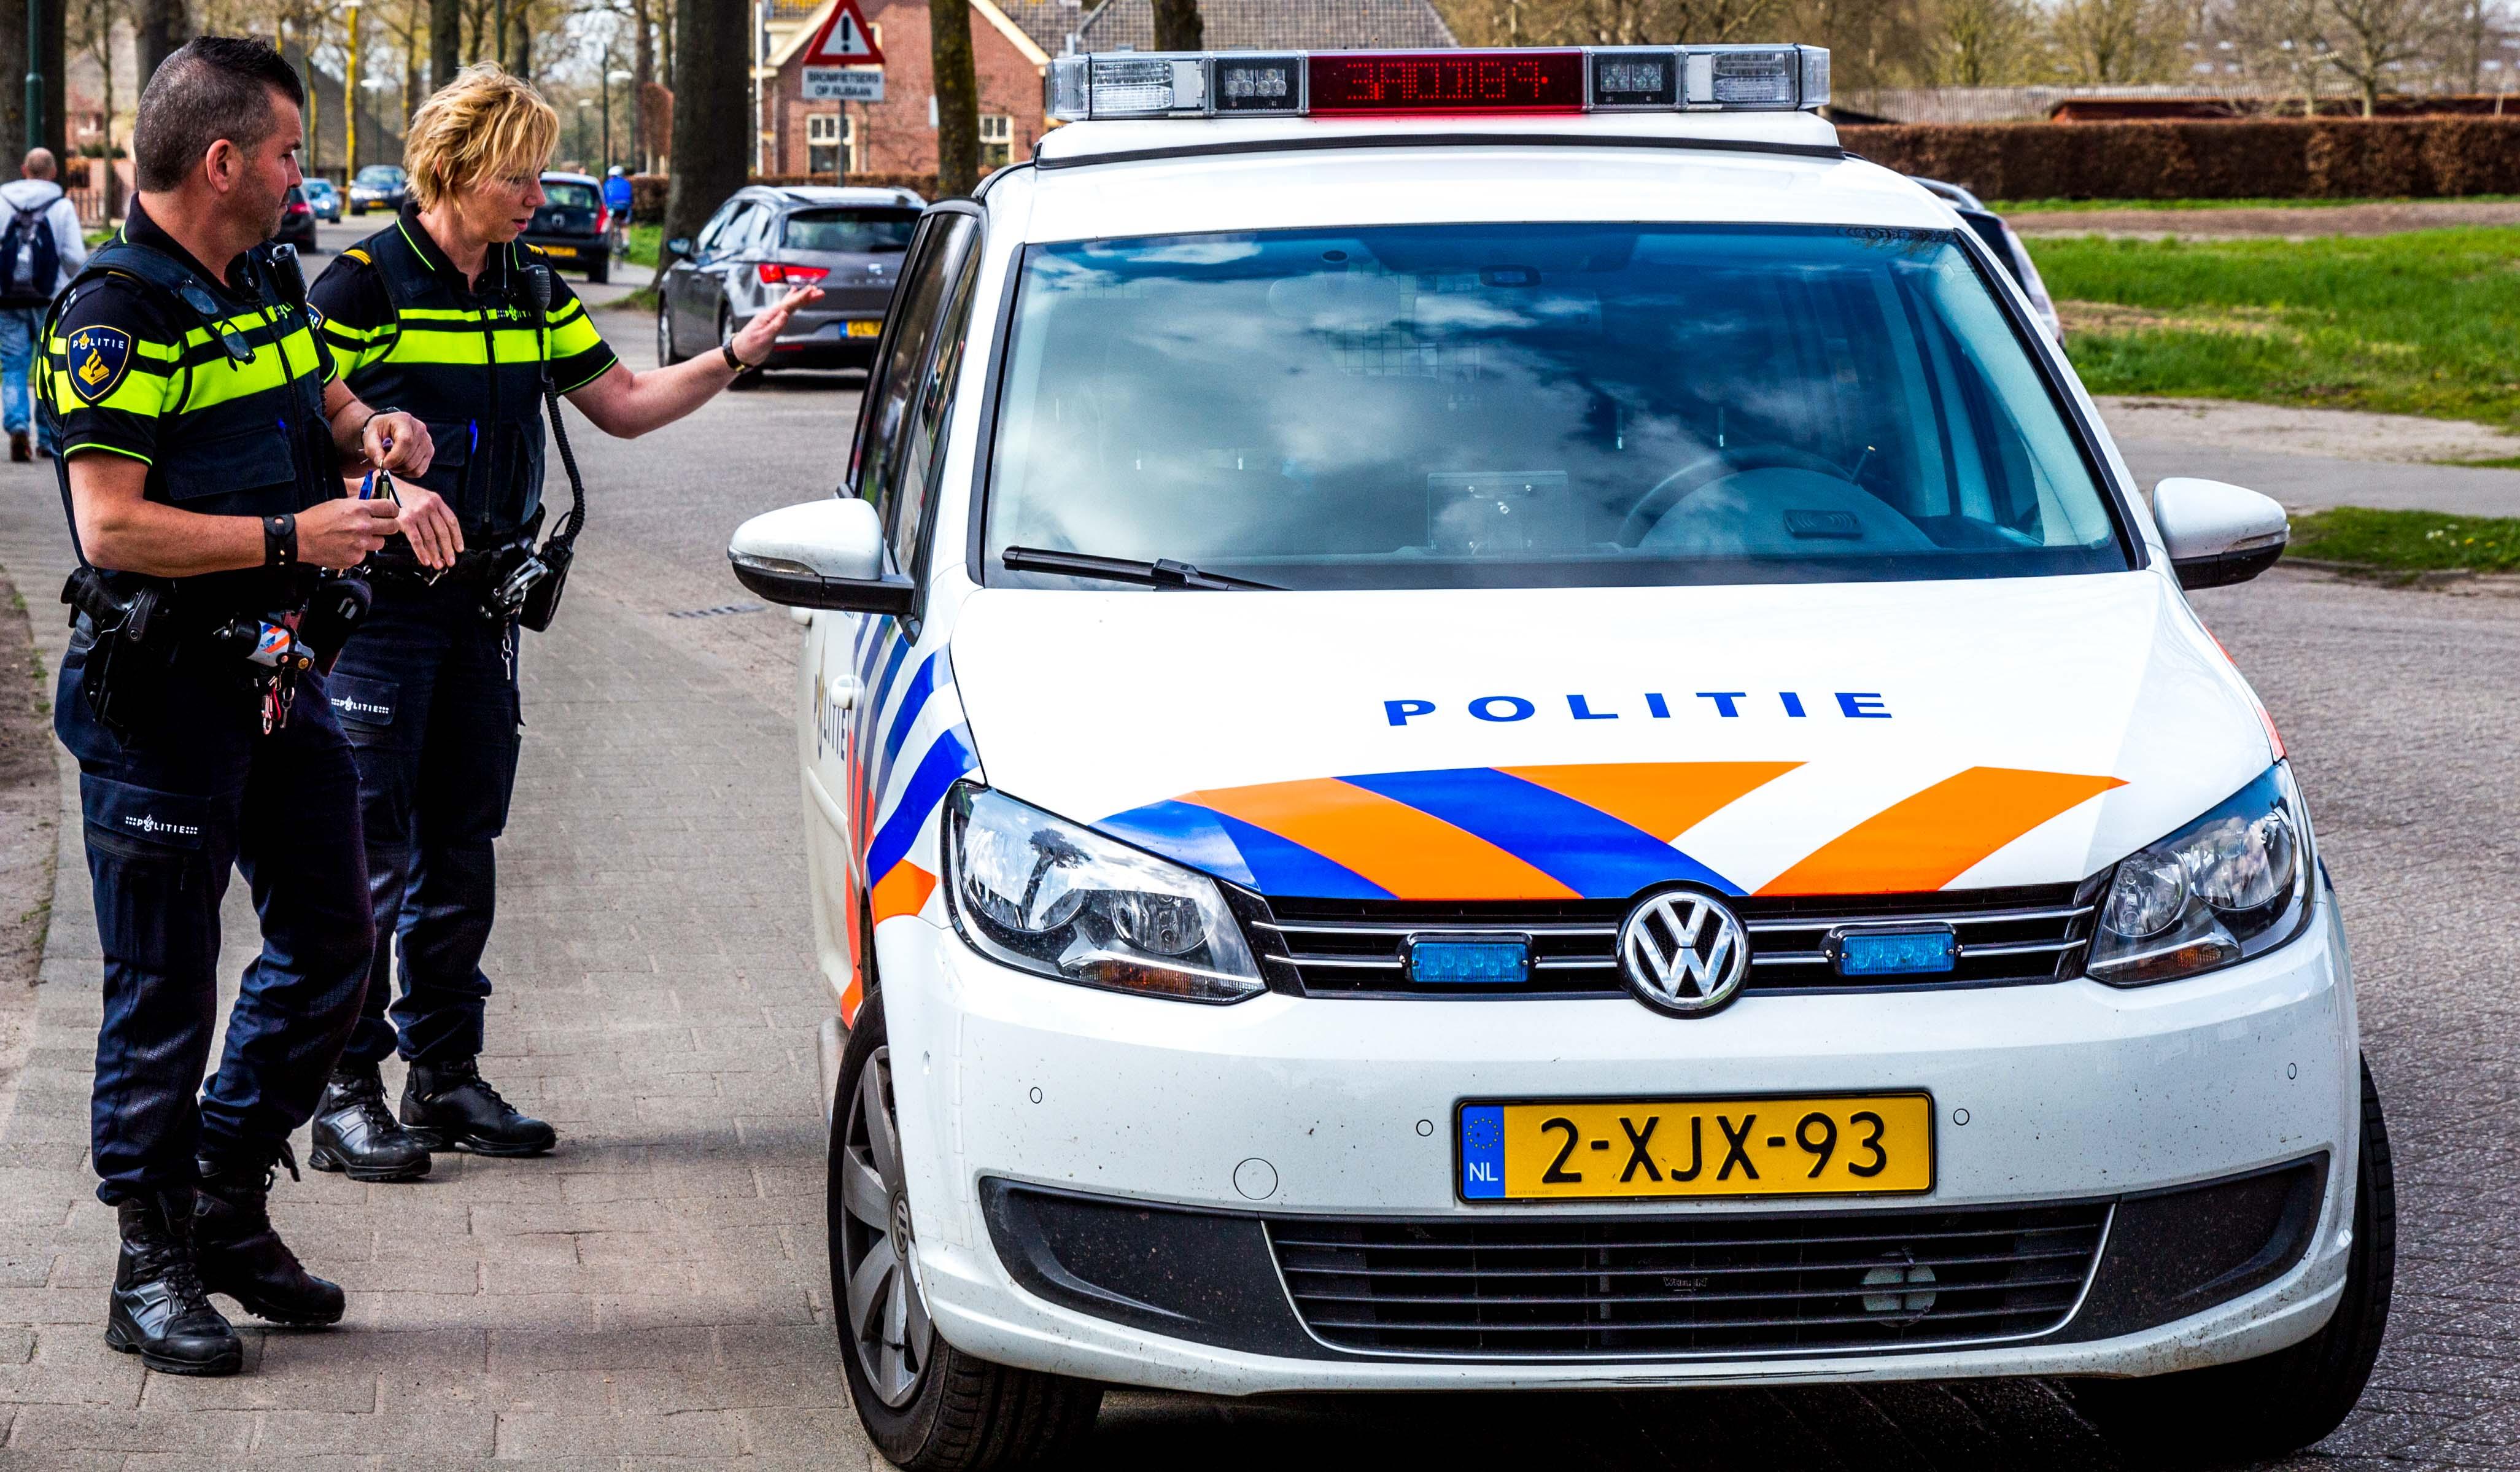 Agenten bij politieauto